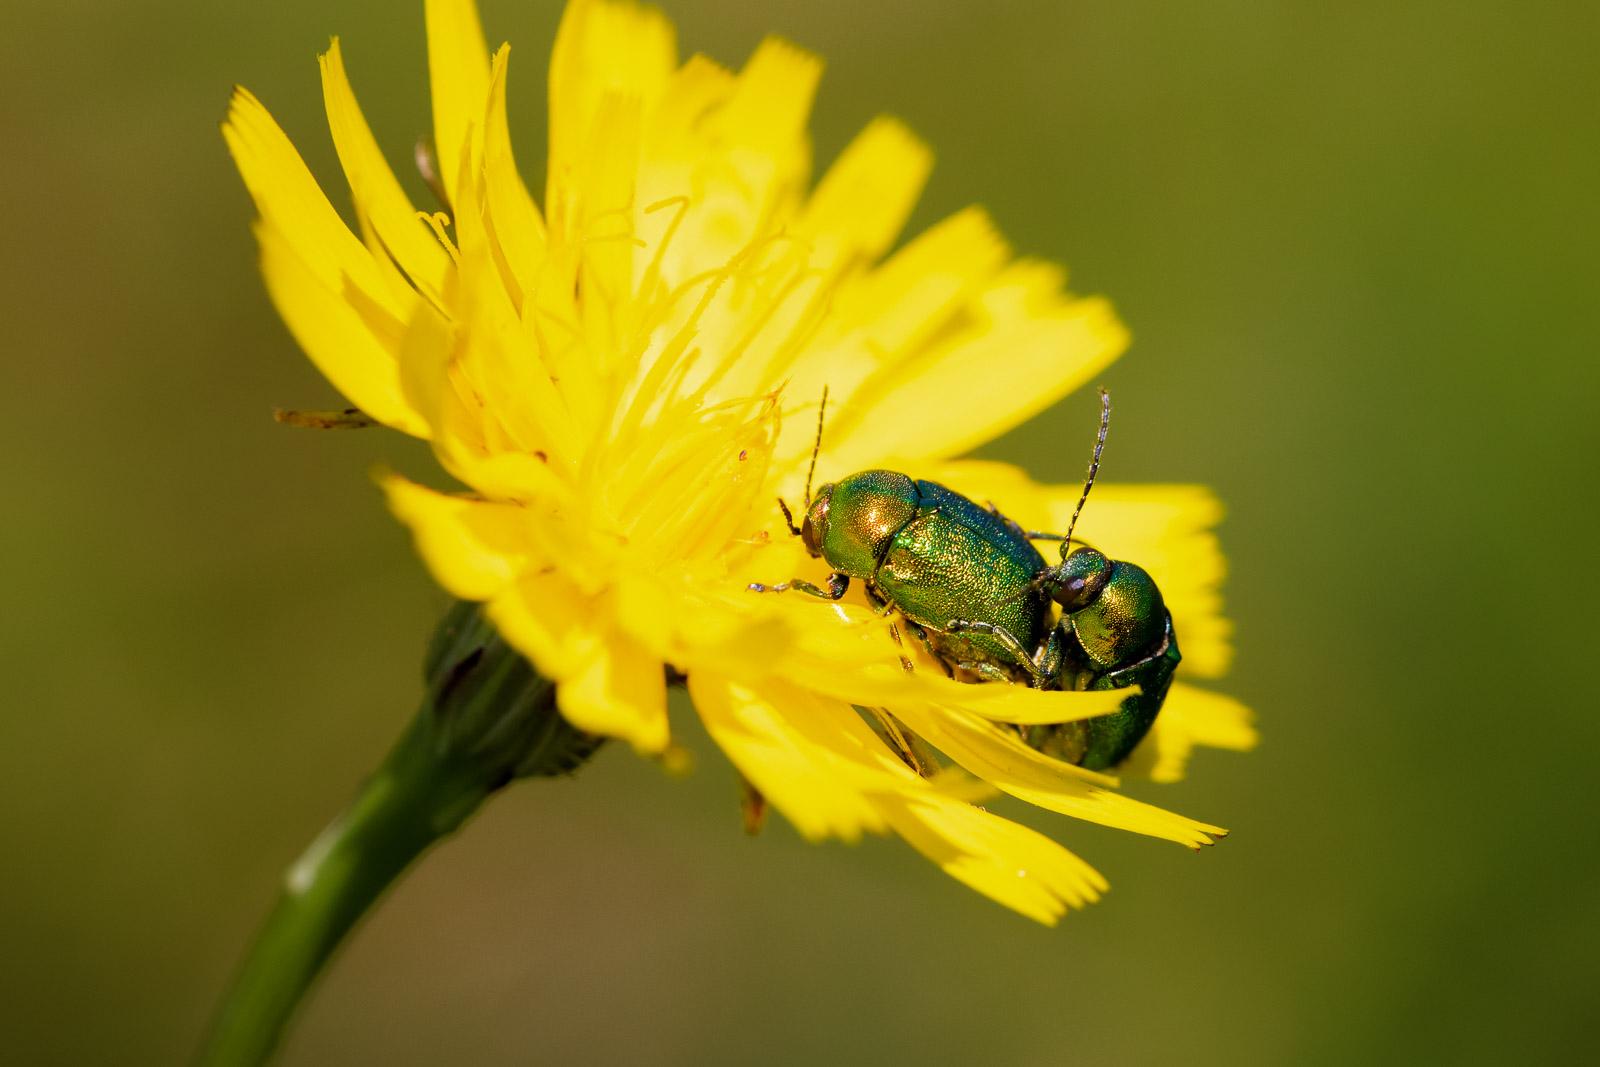 Mint Leaf Beetle (Chrysolina menthastri) - Lynchcombe, Somerset, UK. ID BR59695